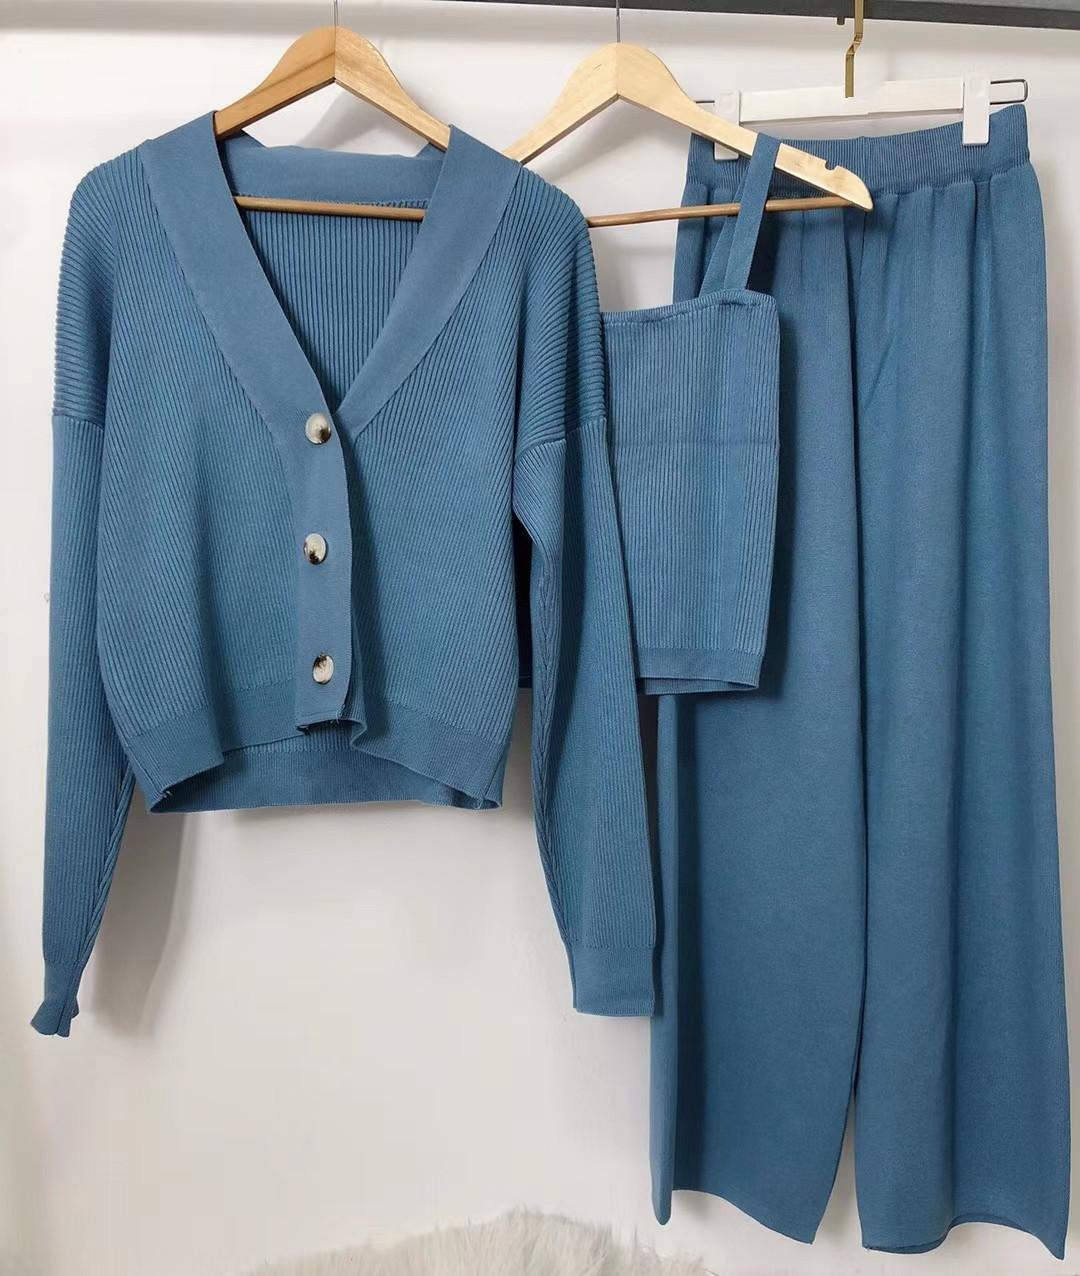 2020 outono nova moda das mulheres v-pescoço camisola de malha cardigan e calças compridas colete e cintura alta europeus atender 3 pcs definir S M L